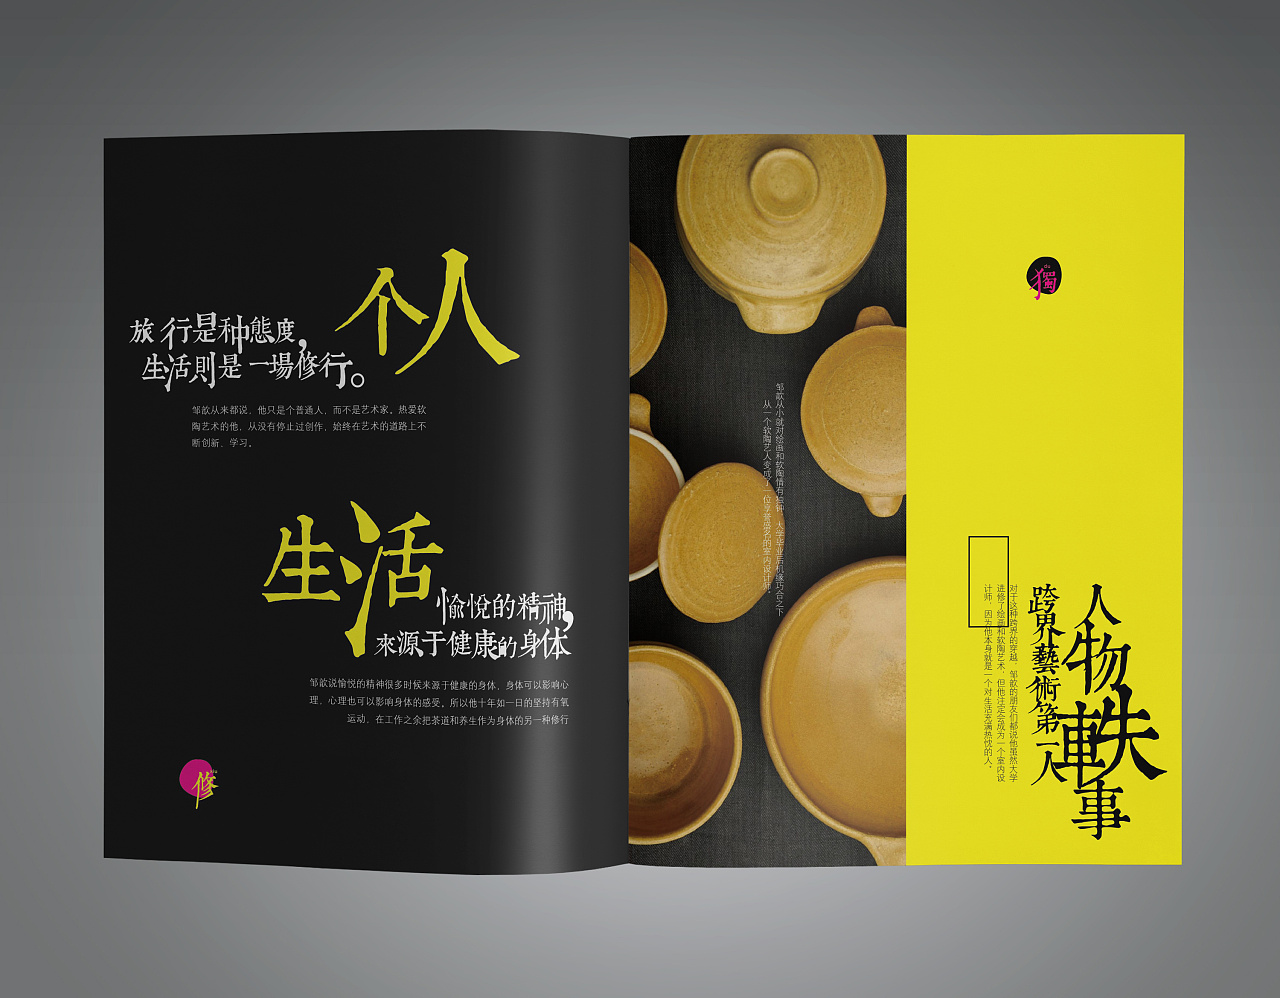 上海印刷厂-画册设计水平如何?